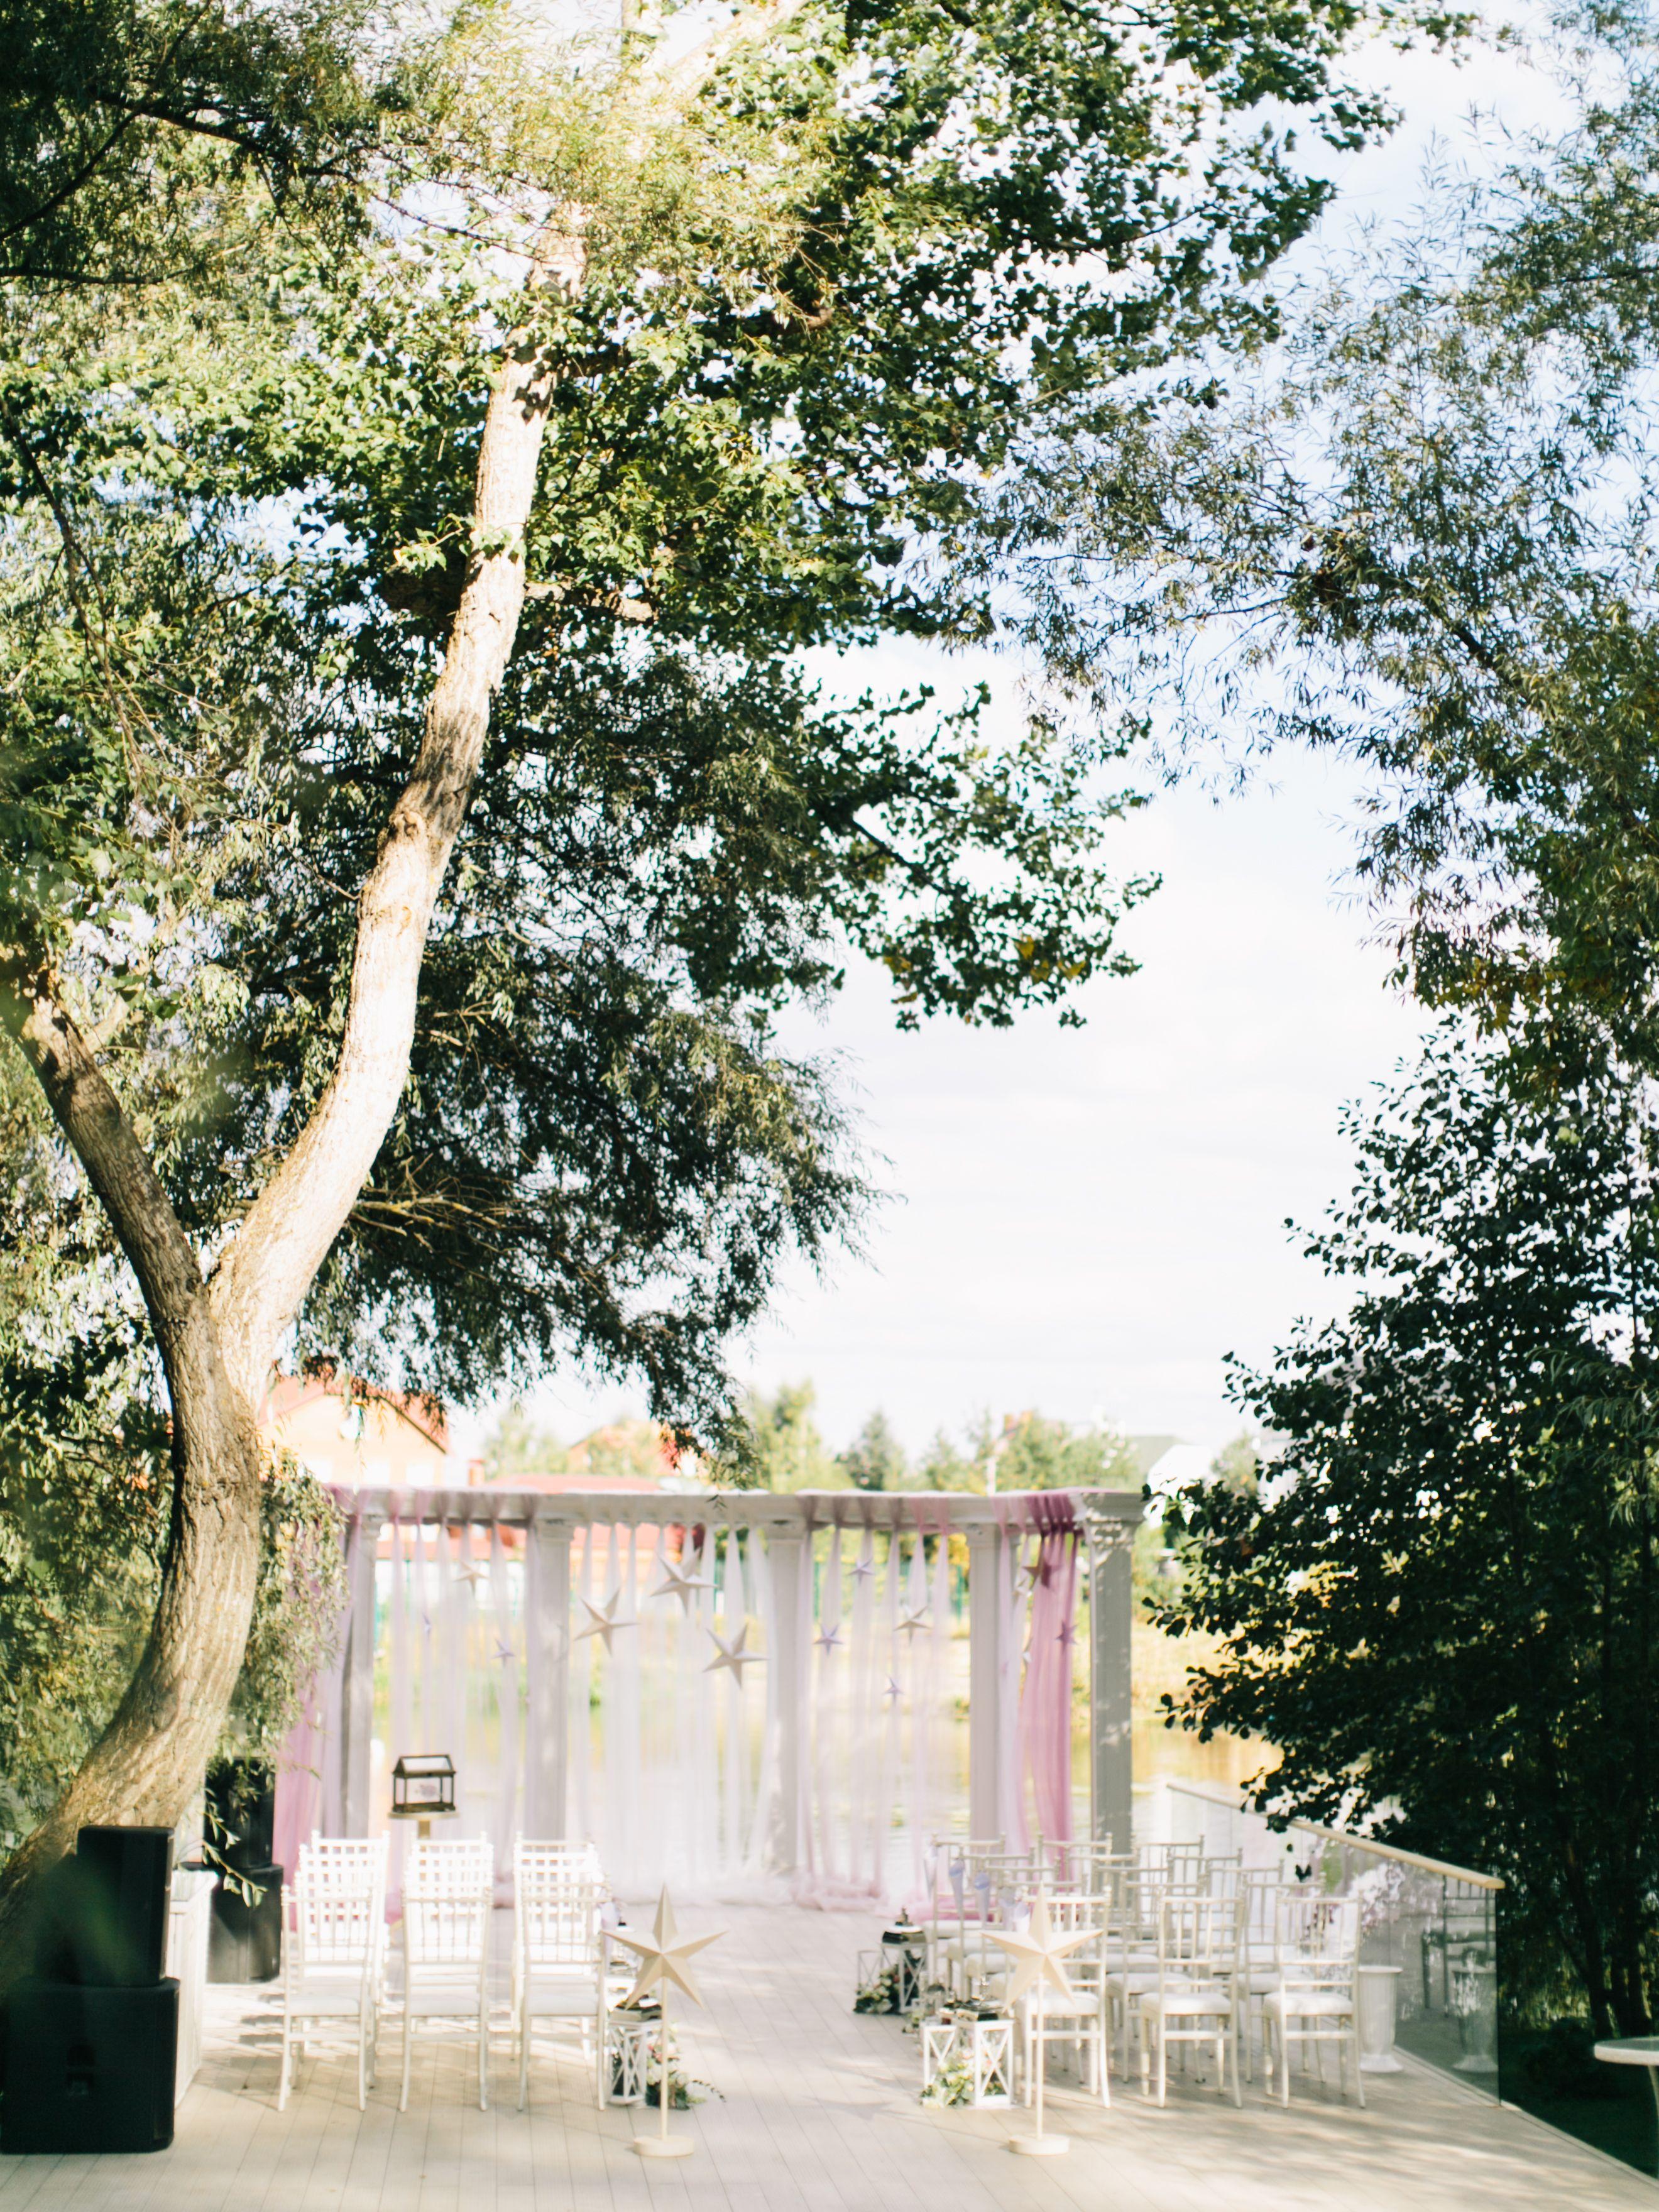 wedding, ceremony, wedding decor, wedding photo, свадьба, оформление свадьбы, церемония, маленький принц